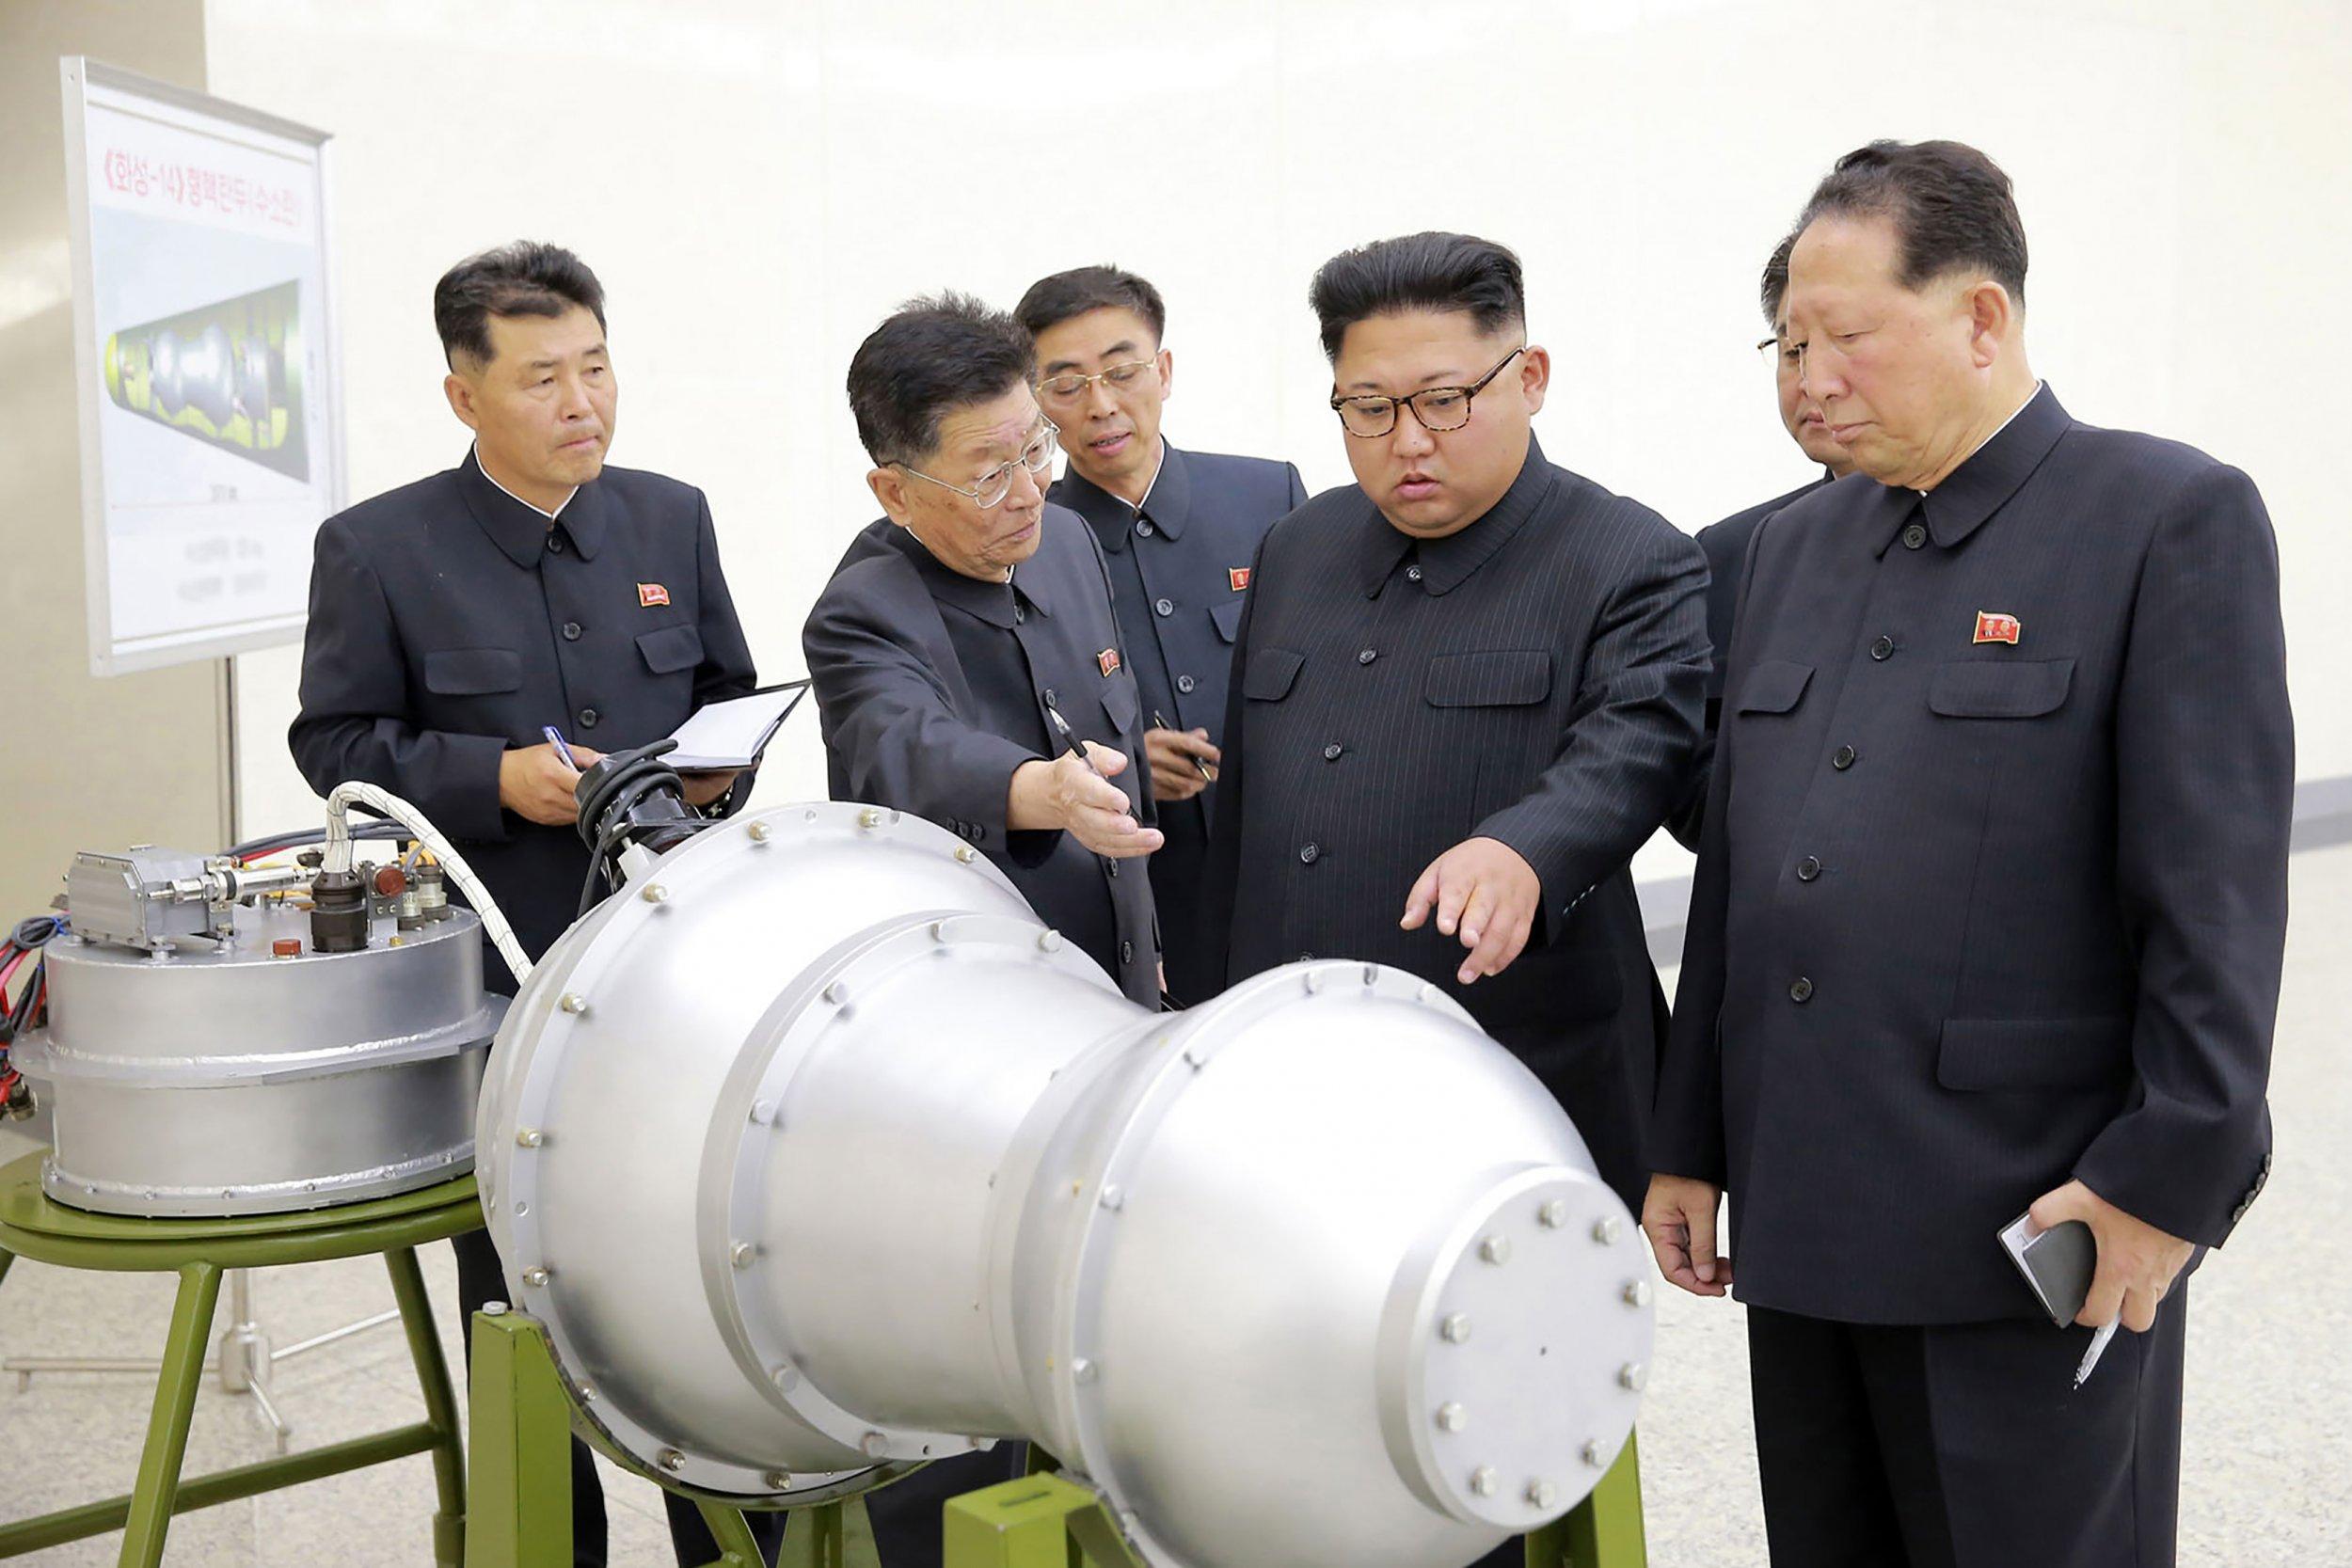 11_22_Kim_Jong_Un_nuclear